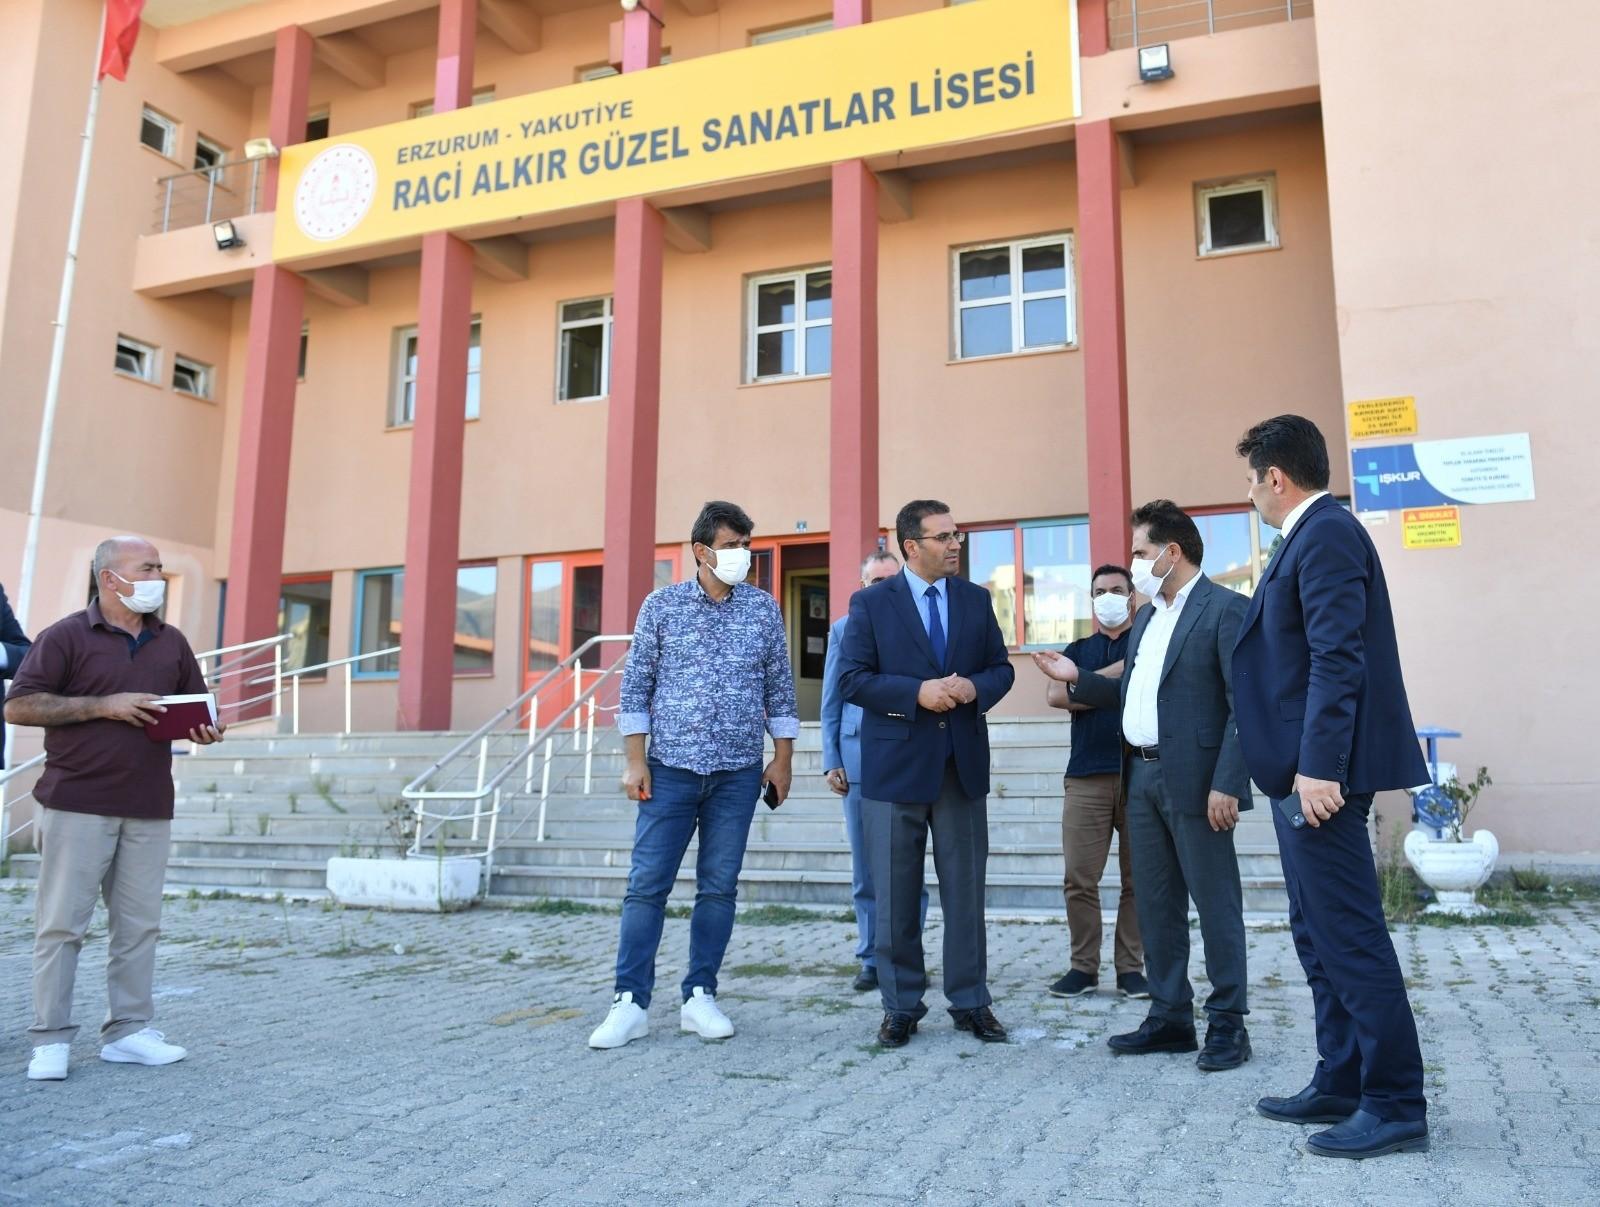 Yakutiye'nin okulları yeni eğitim ve öğretim yılına hazırlanıyor